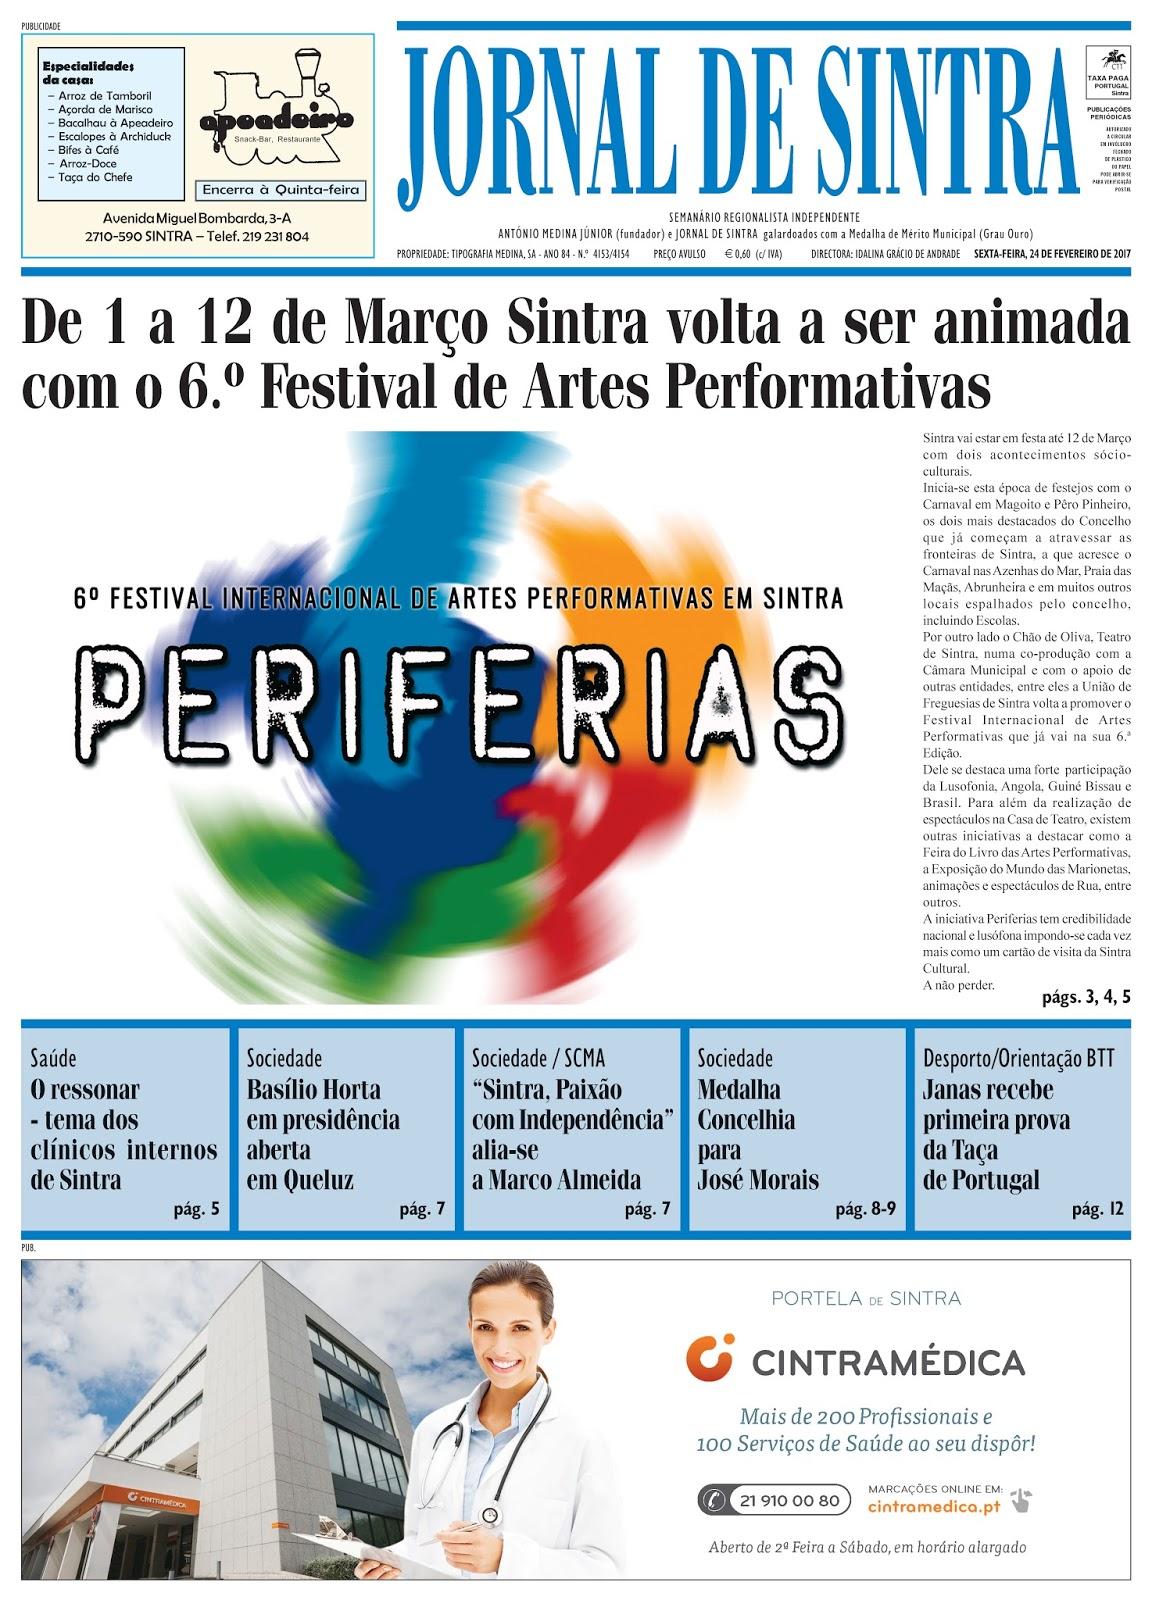 Capa da edição de 24-02-2017